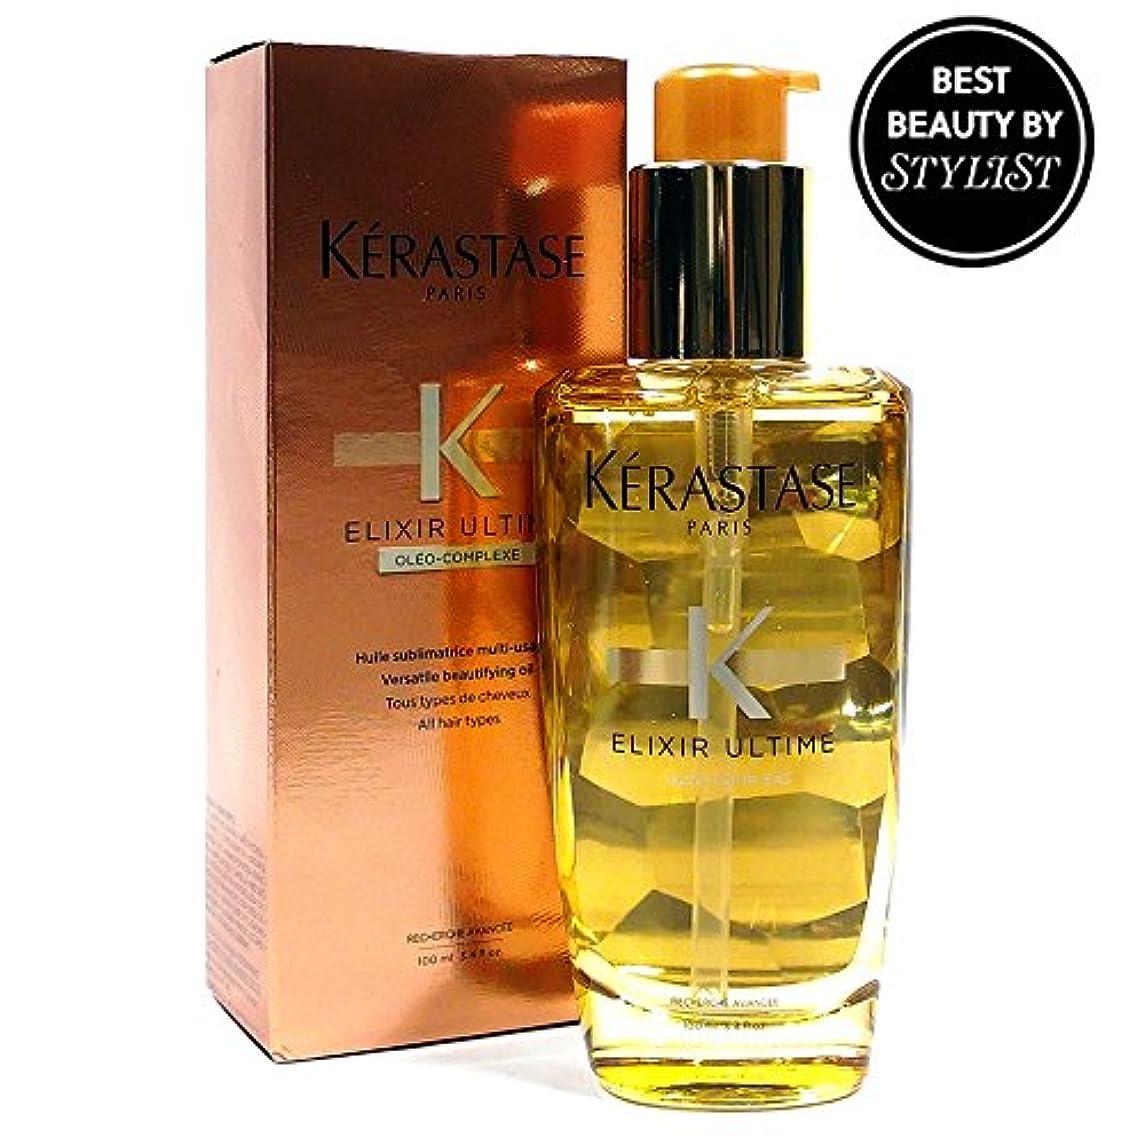 Kérastase Elixir Ultime Hair Oil (100ml)